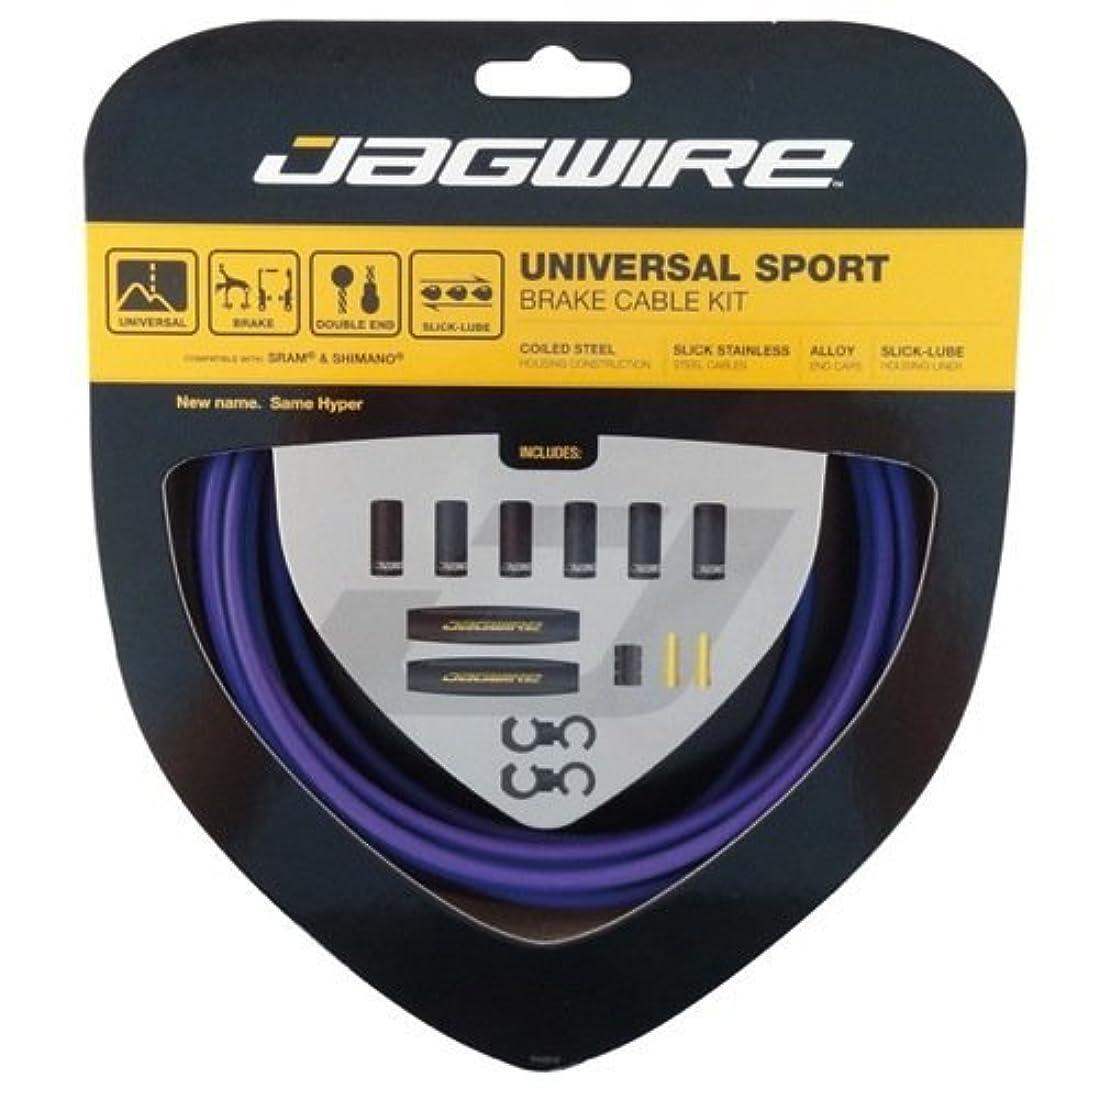 タイル文房具医師JAG WIRE(ジャグワイヤー) Universal Sport Brake Cable Kit パープル UCK416